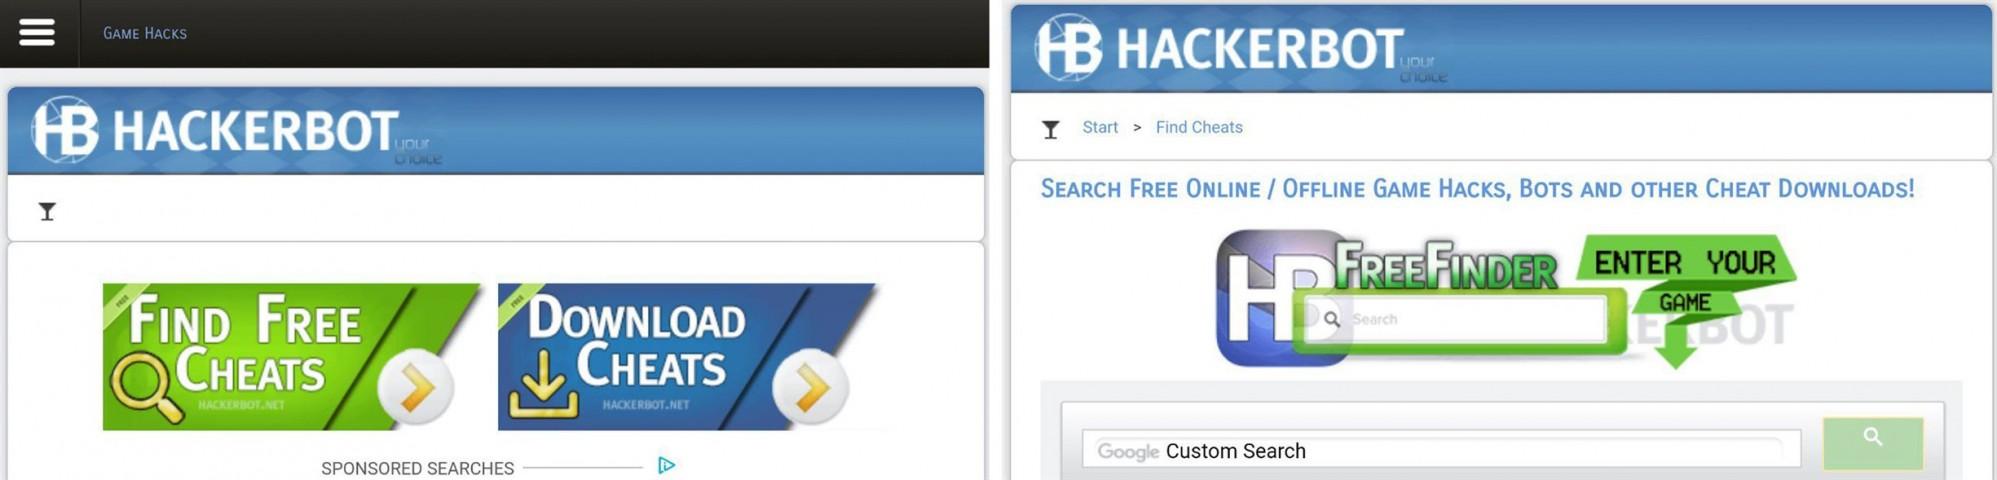 hackerbot-apk.jpg